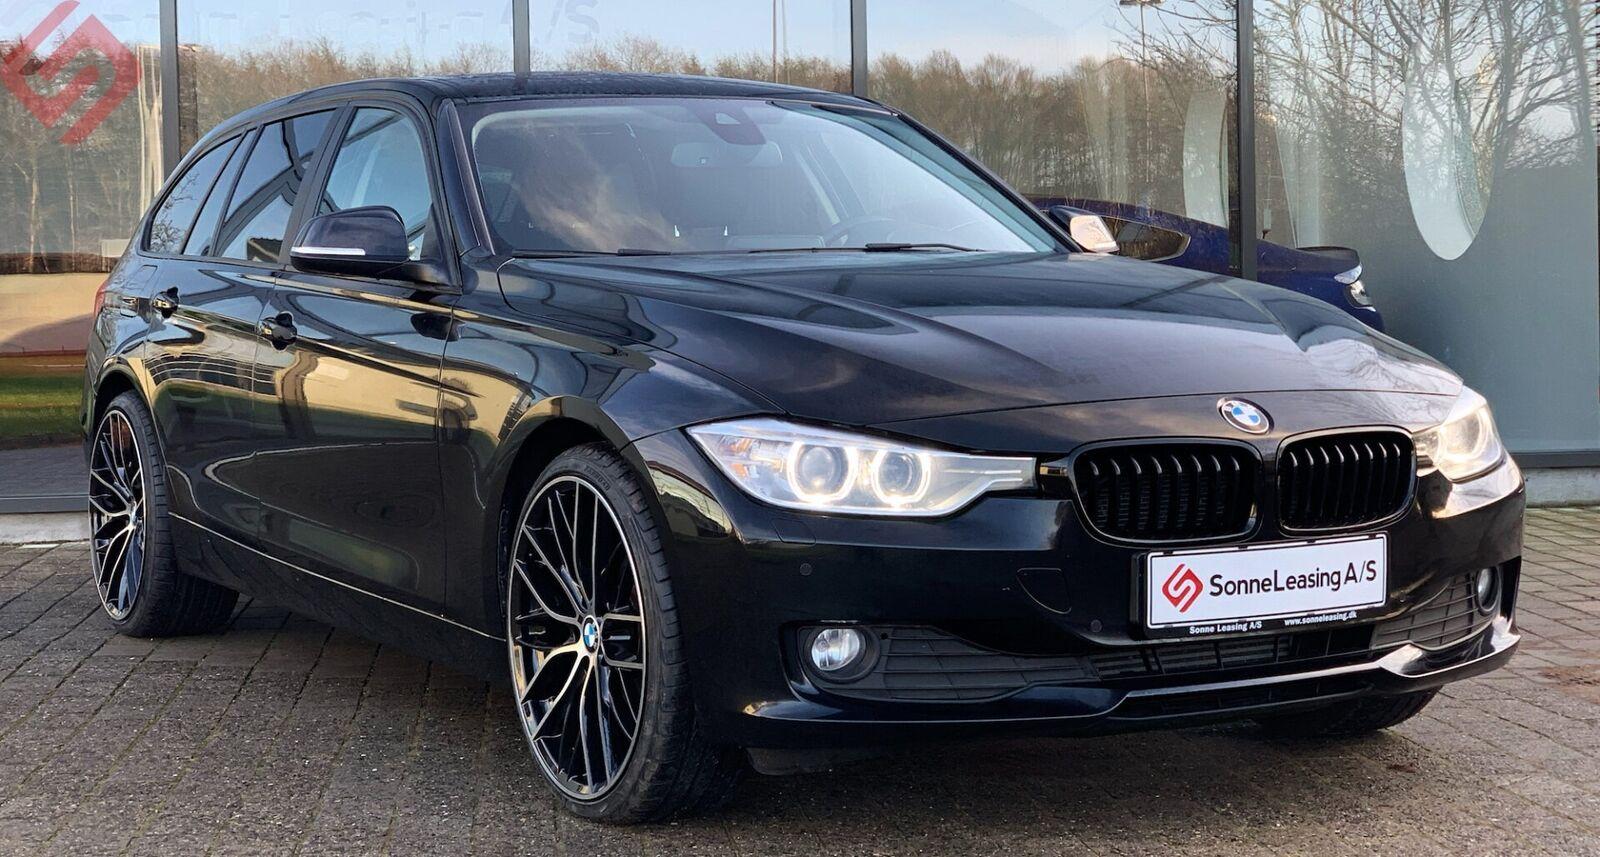 BMW 320d 2,0 Touring aut. 5d - 249.995 kr.